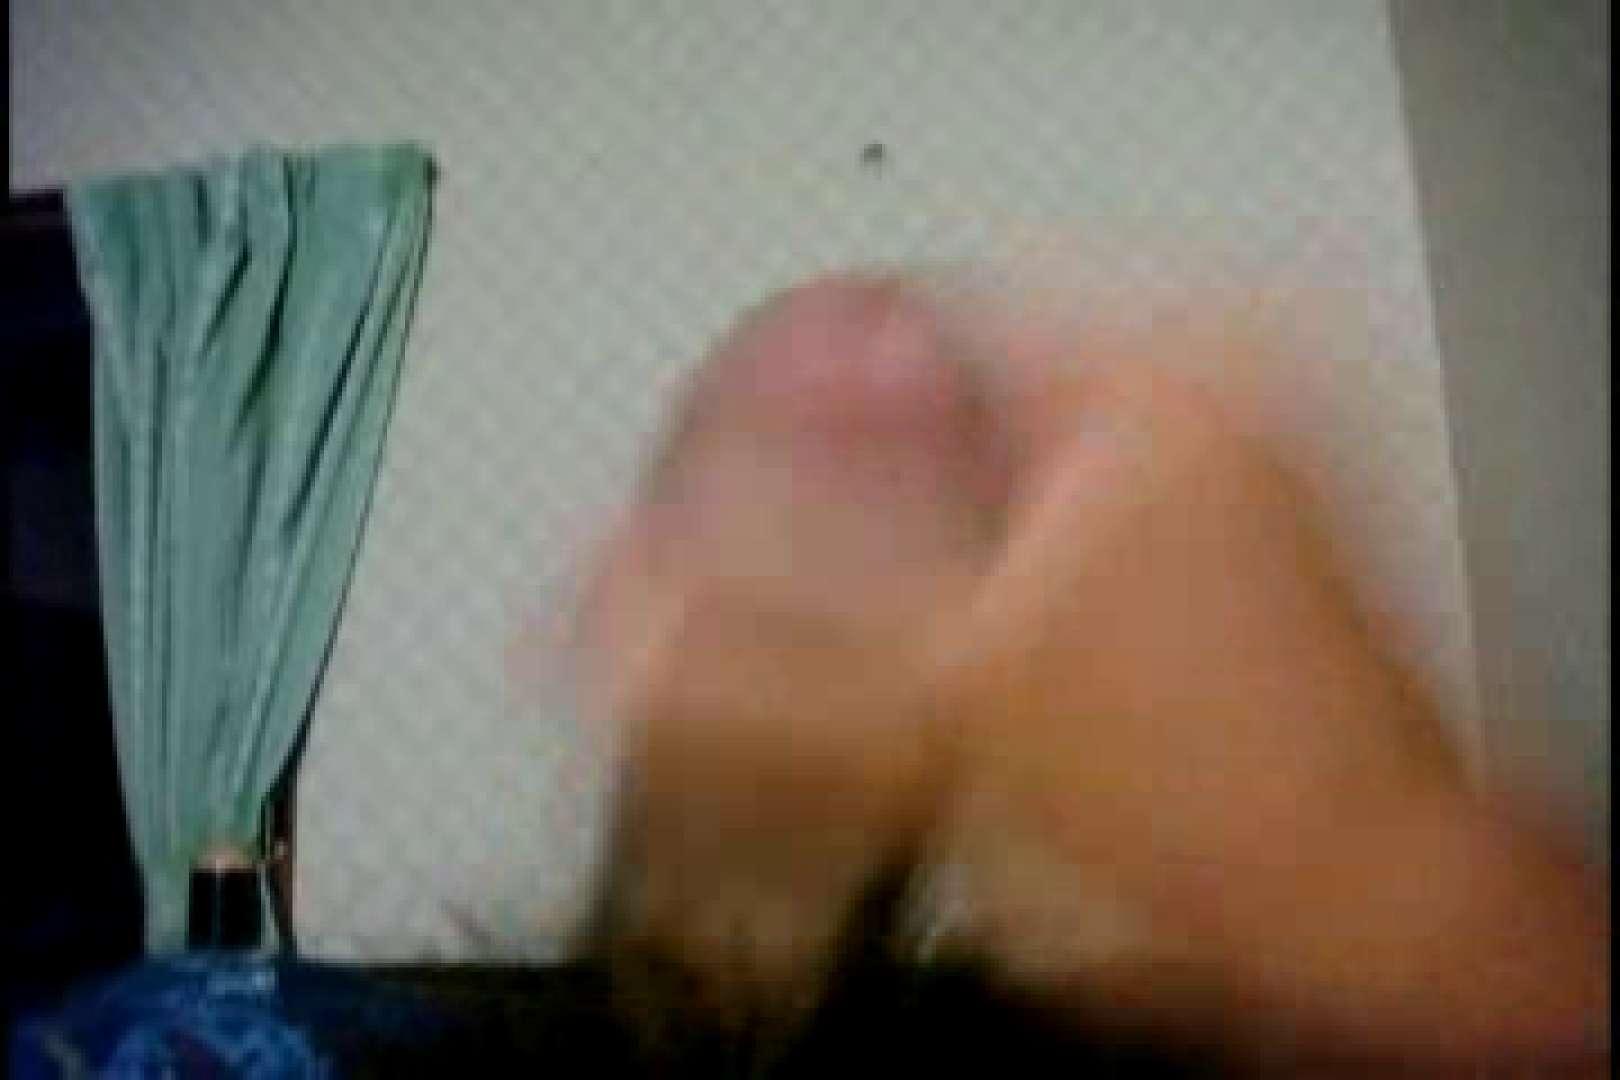 オナ好きノンケテニス部員の自画撮り投稿vol.03 モザ無し エロビデオ紹介 114枚 57